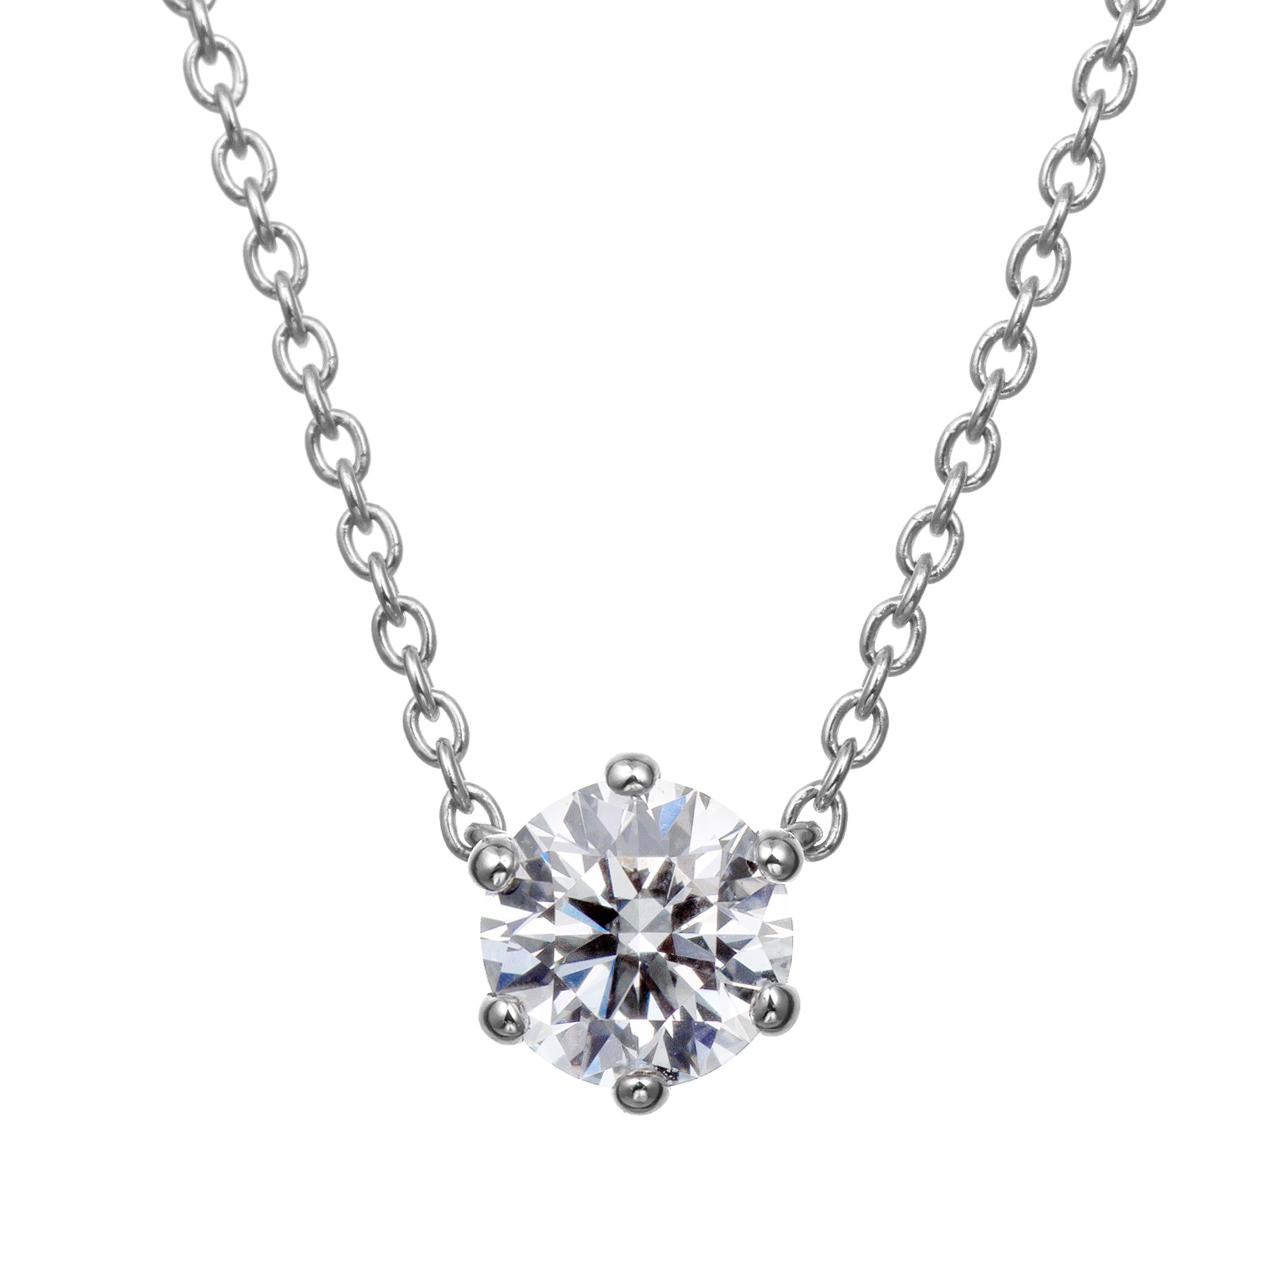 ダイヤモンド6ポイントネックレス